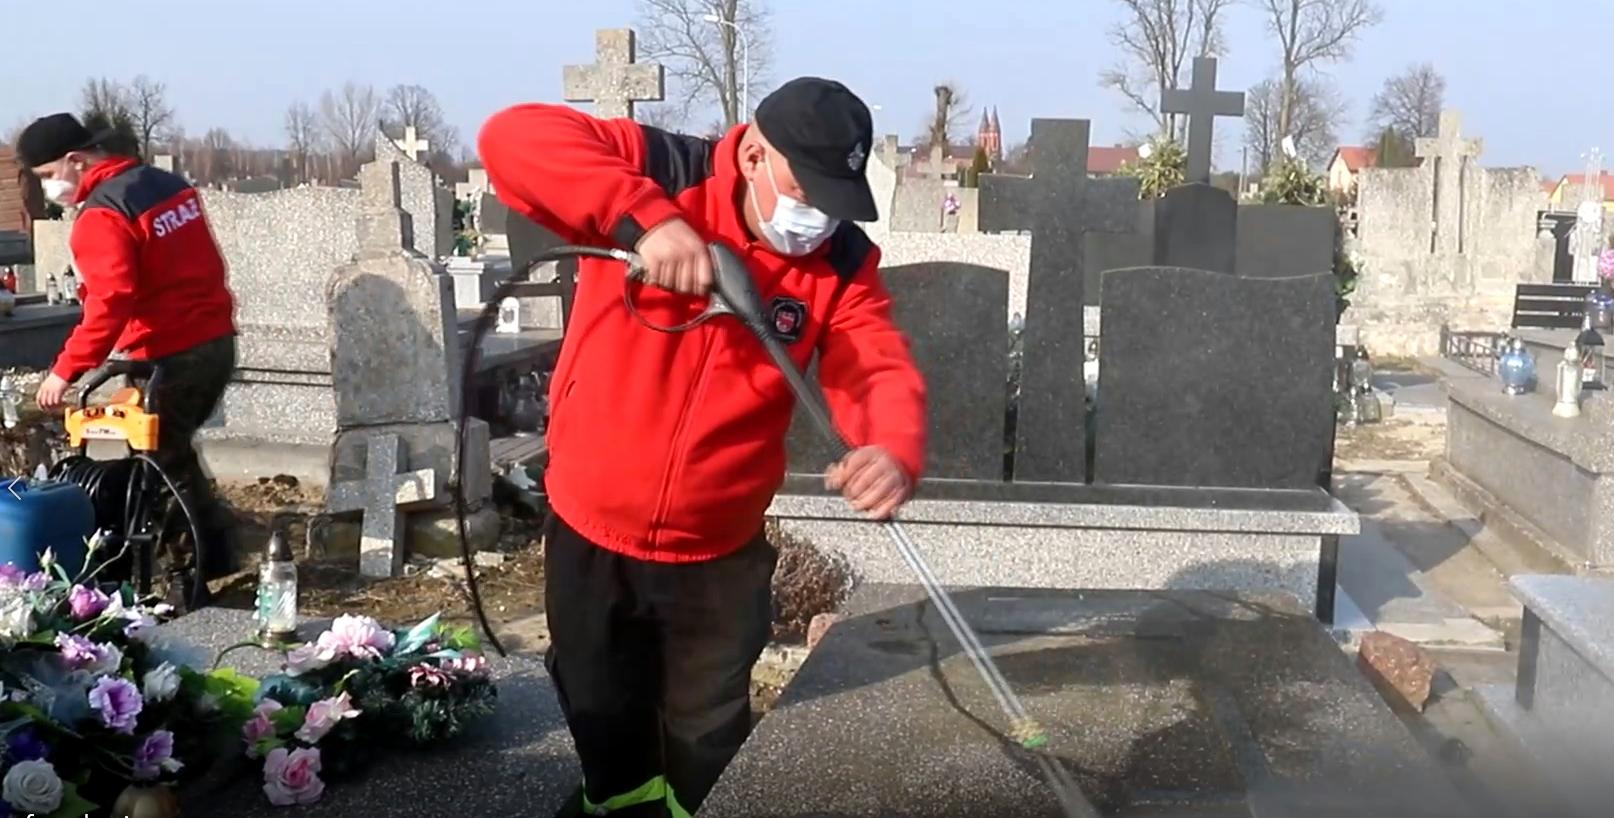 WOJCIESZKÓW Strażacy porządkowali groby (WIDEO) - Zdjęcie główne